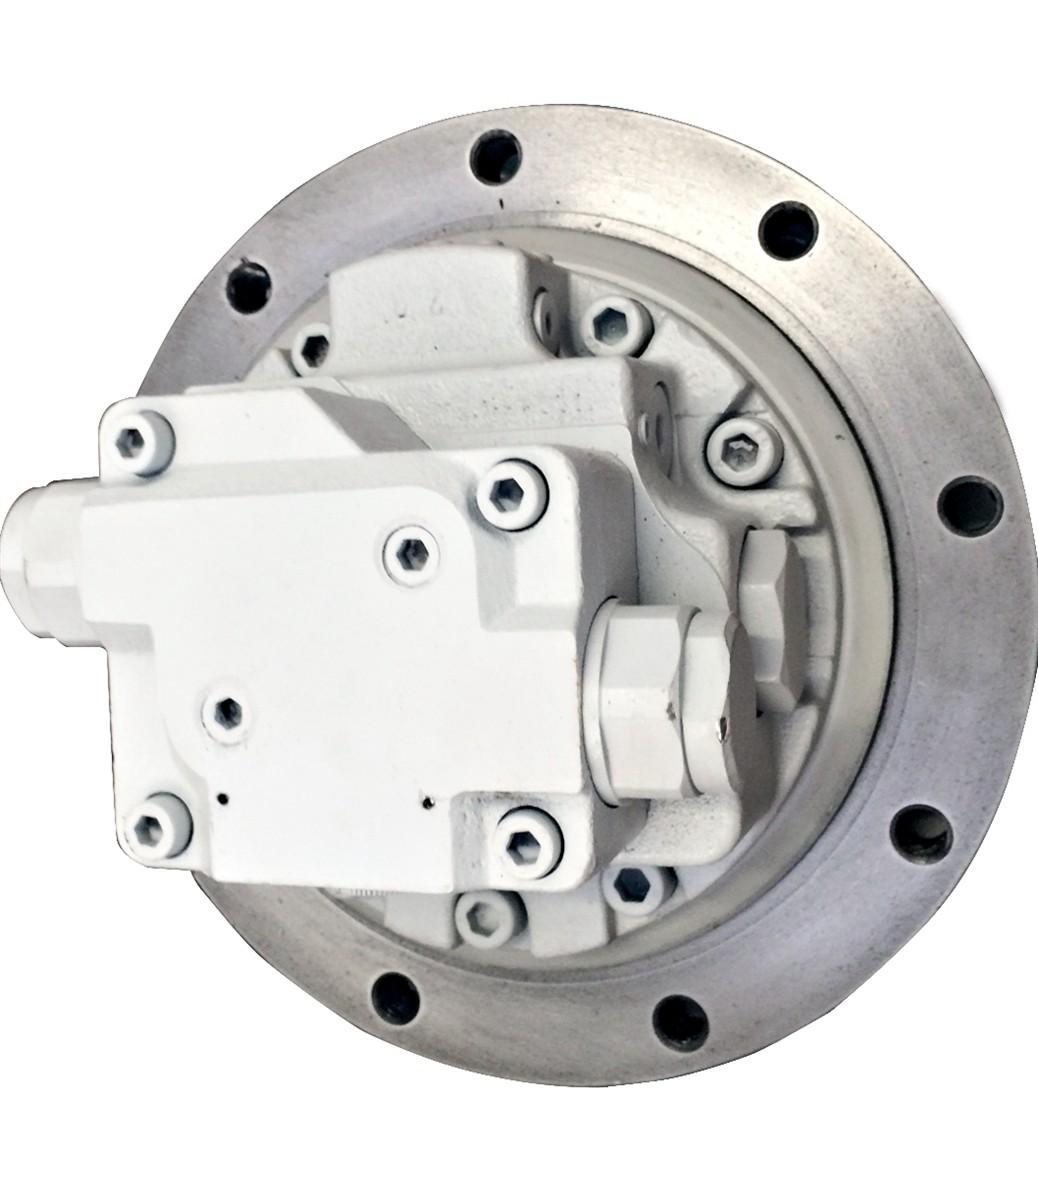 Komatsu PC78 Hydraulic Final Drive Motor